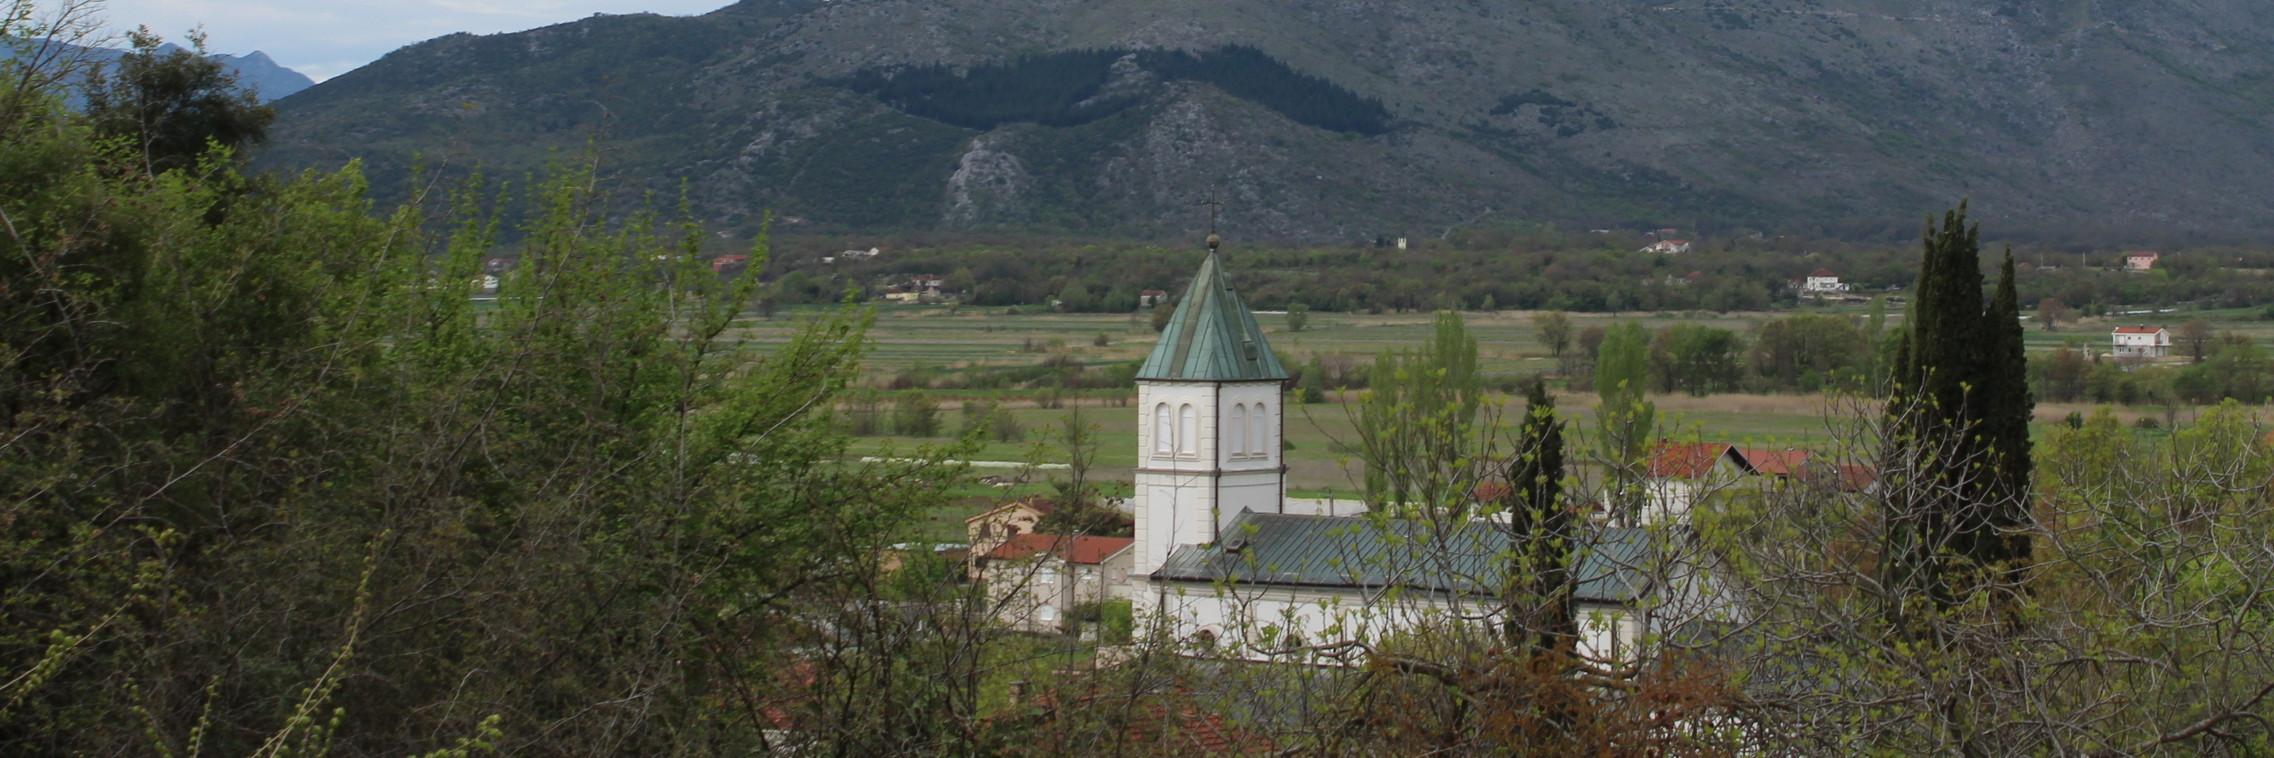 Церковь св. Паскуаля в Витине